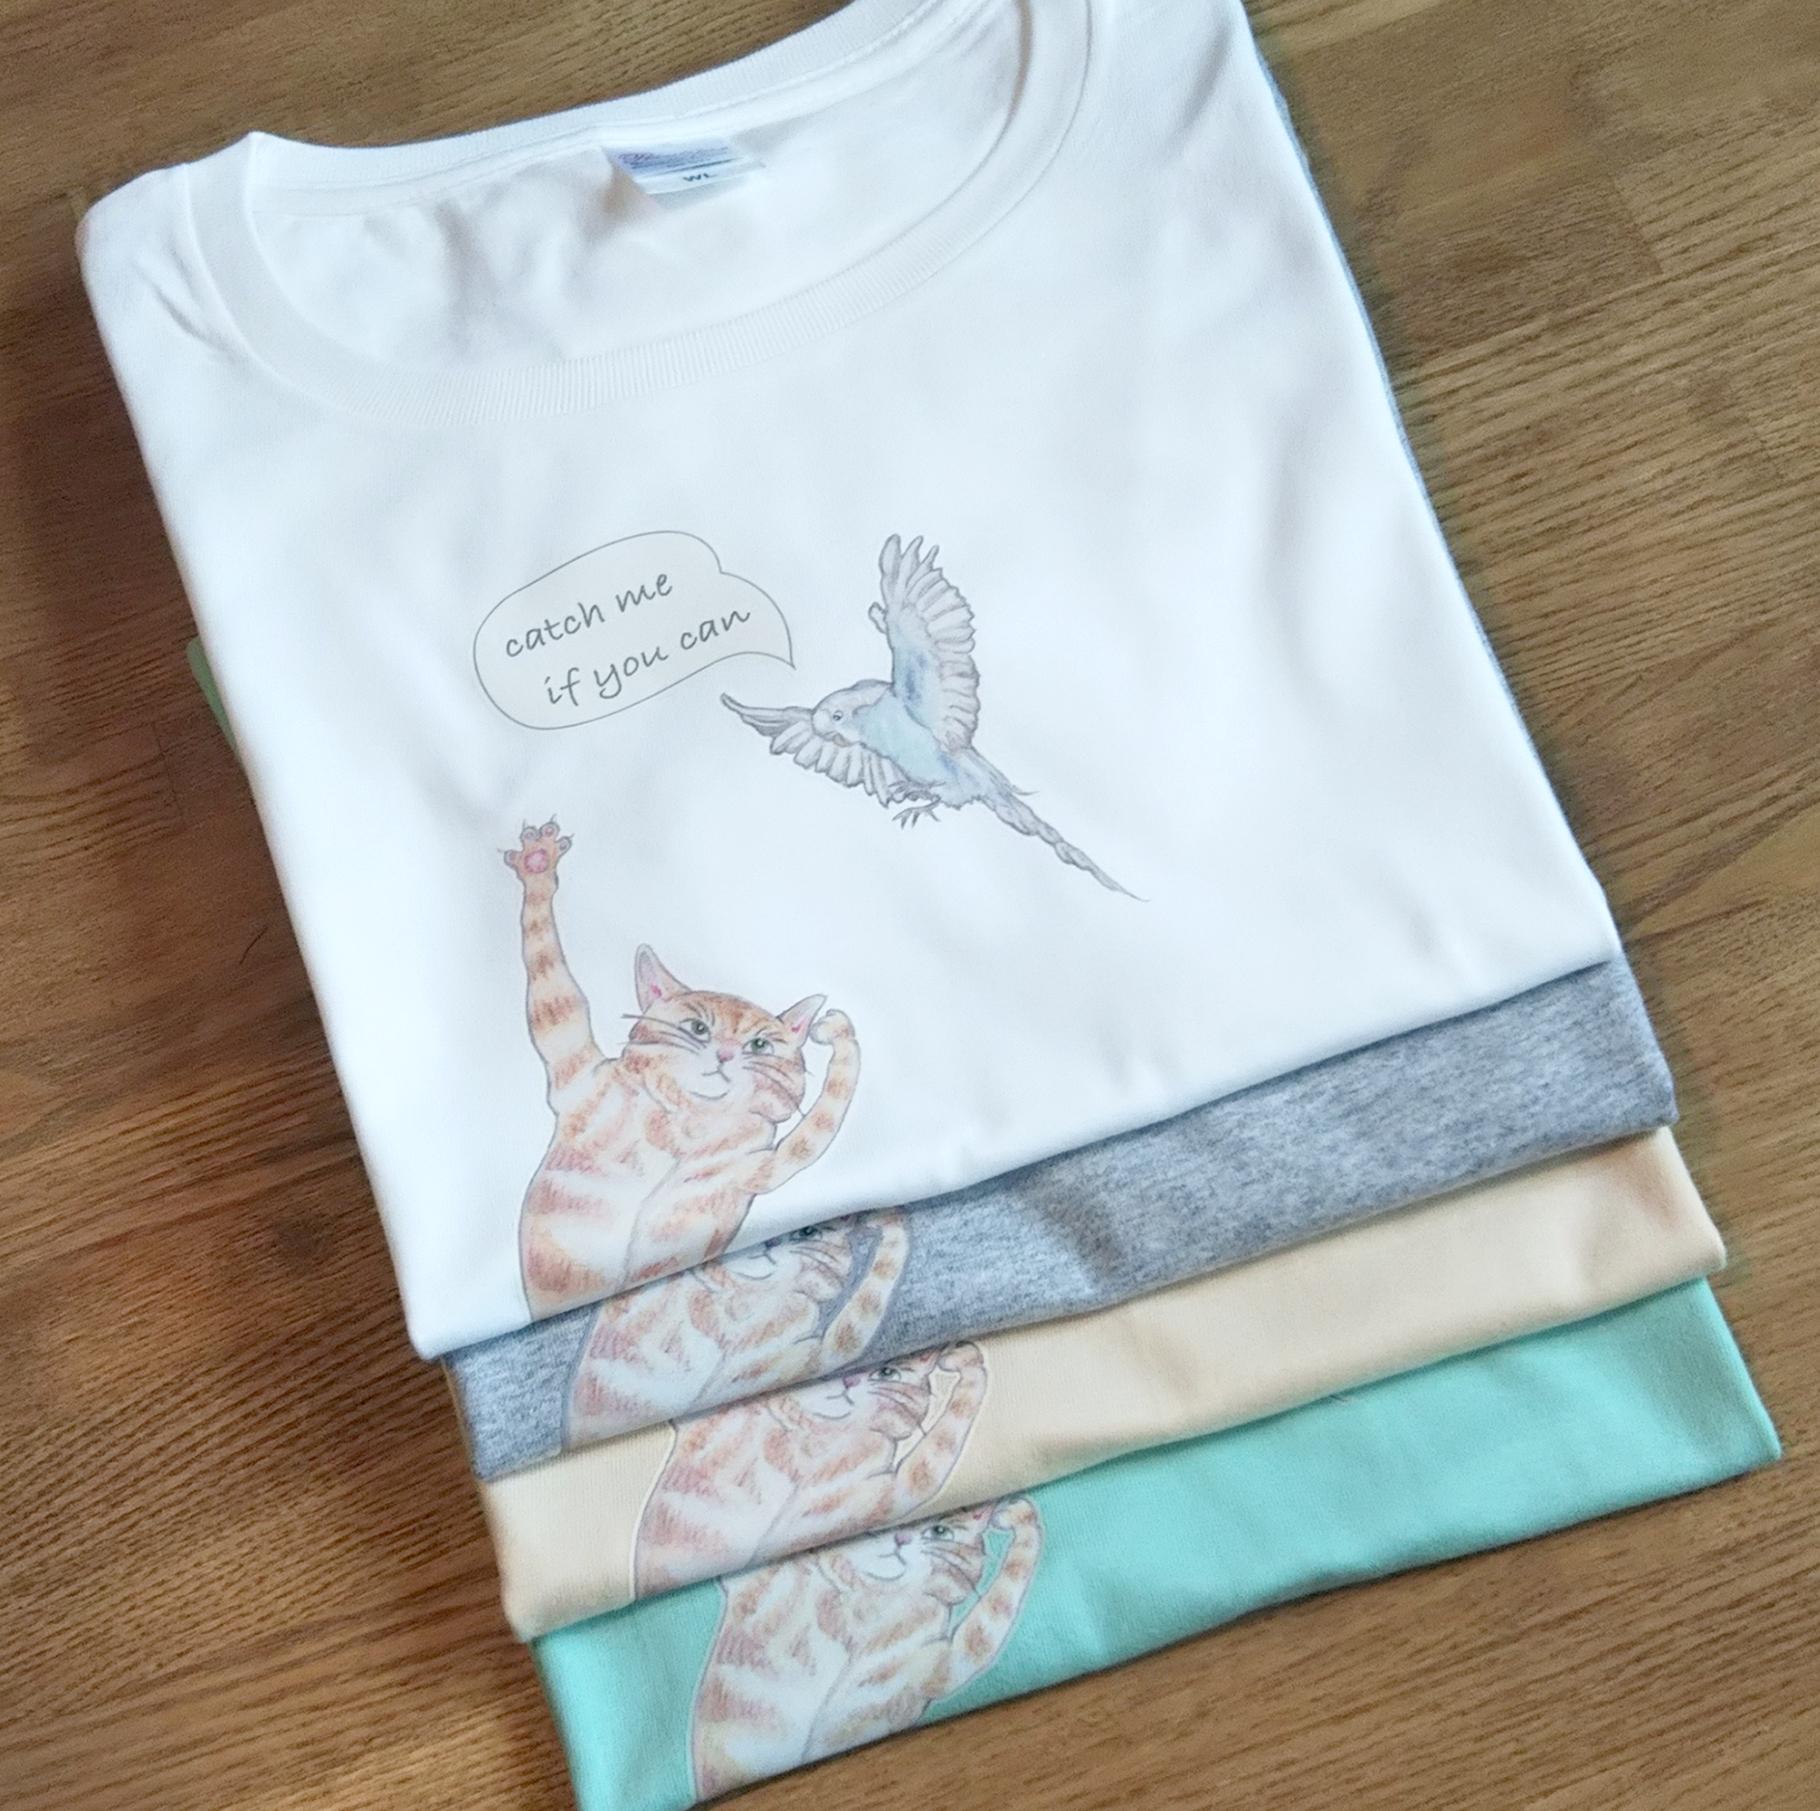 【新商品】鳥と猫のTシャツを作りました☆